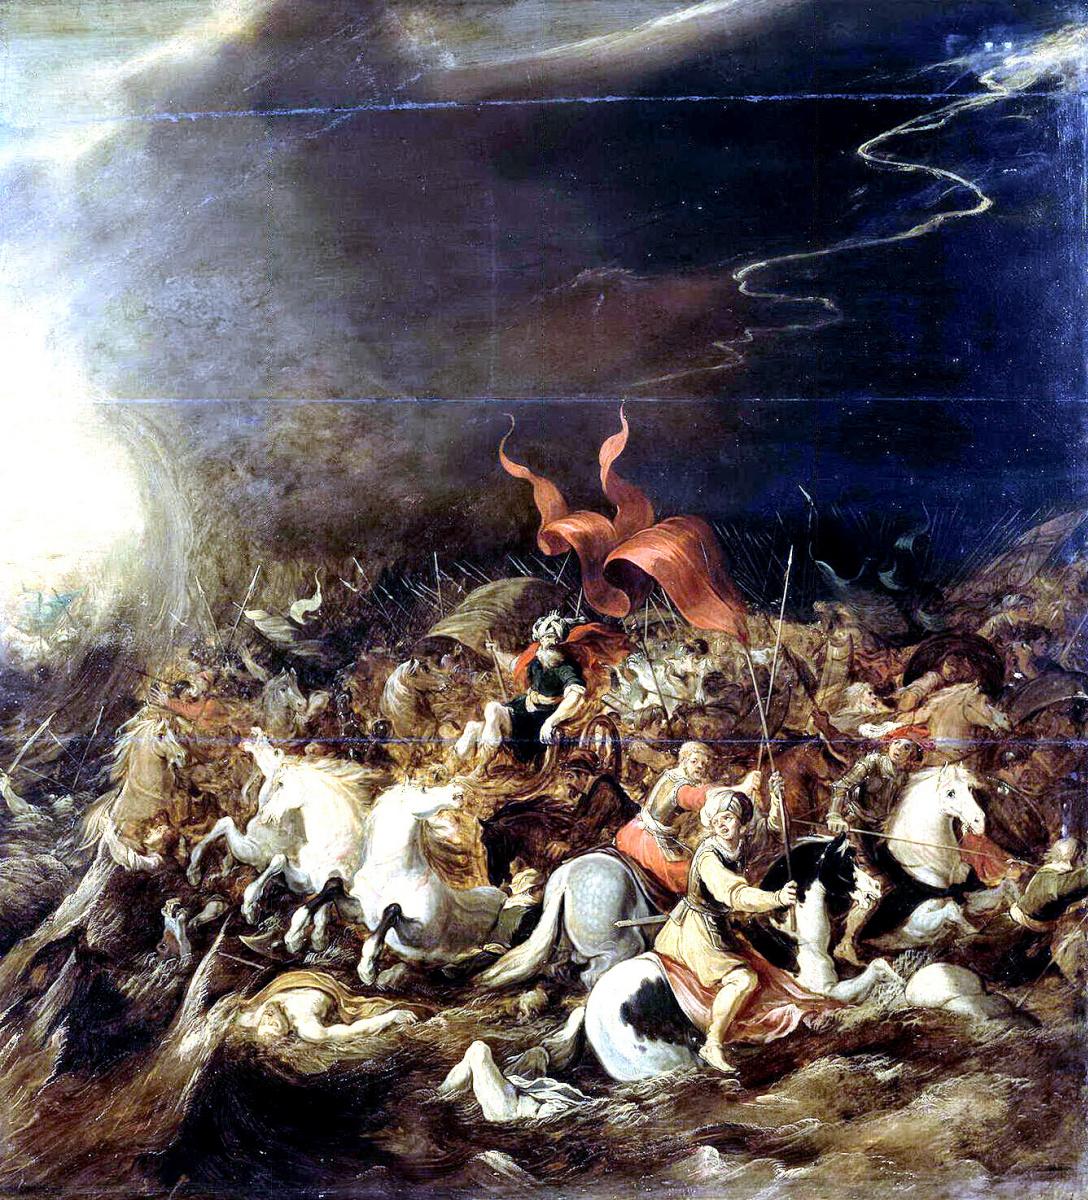 Ханс III Момпер Иос де Йорданс. Гибель фараона в Чермном море